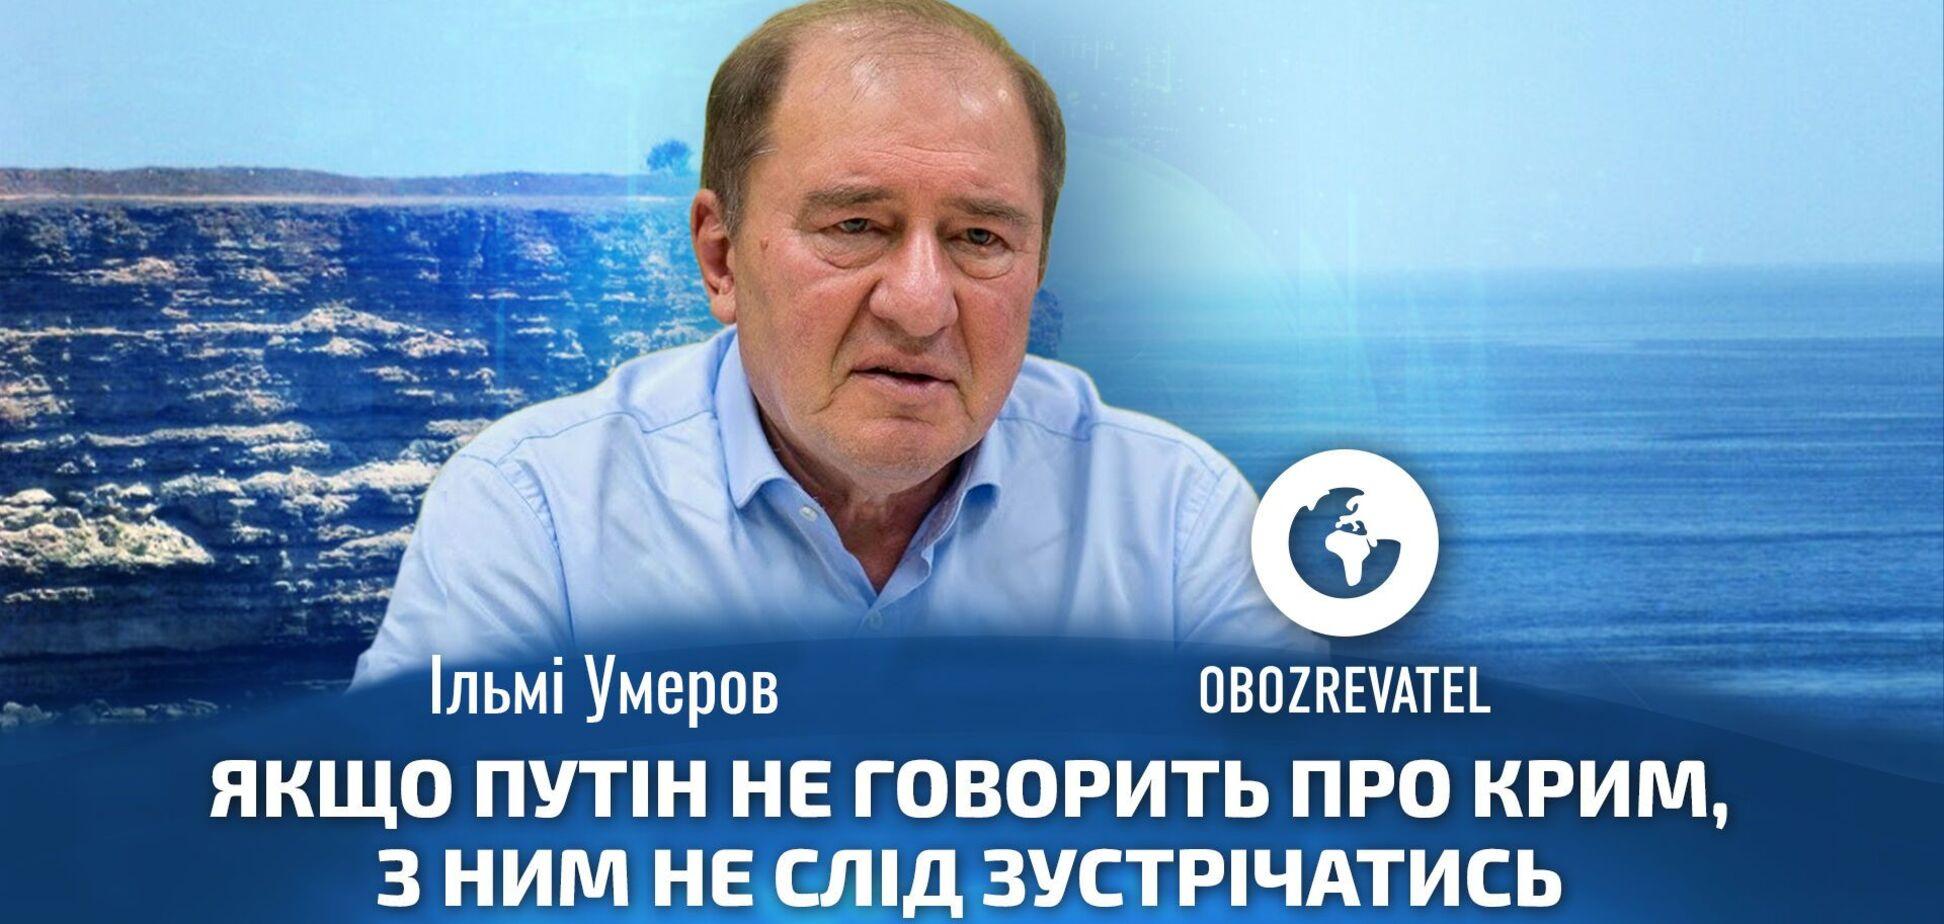 Умеров: встречи с Путиным не нужны, если не говорить о Крыме